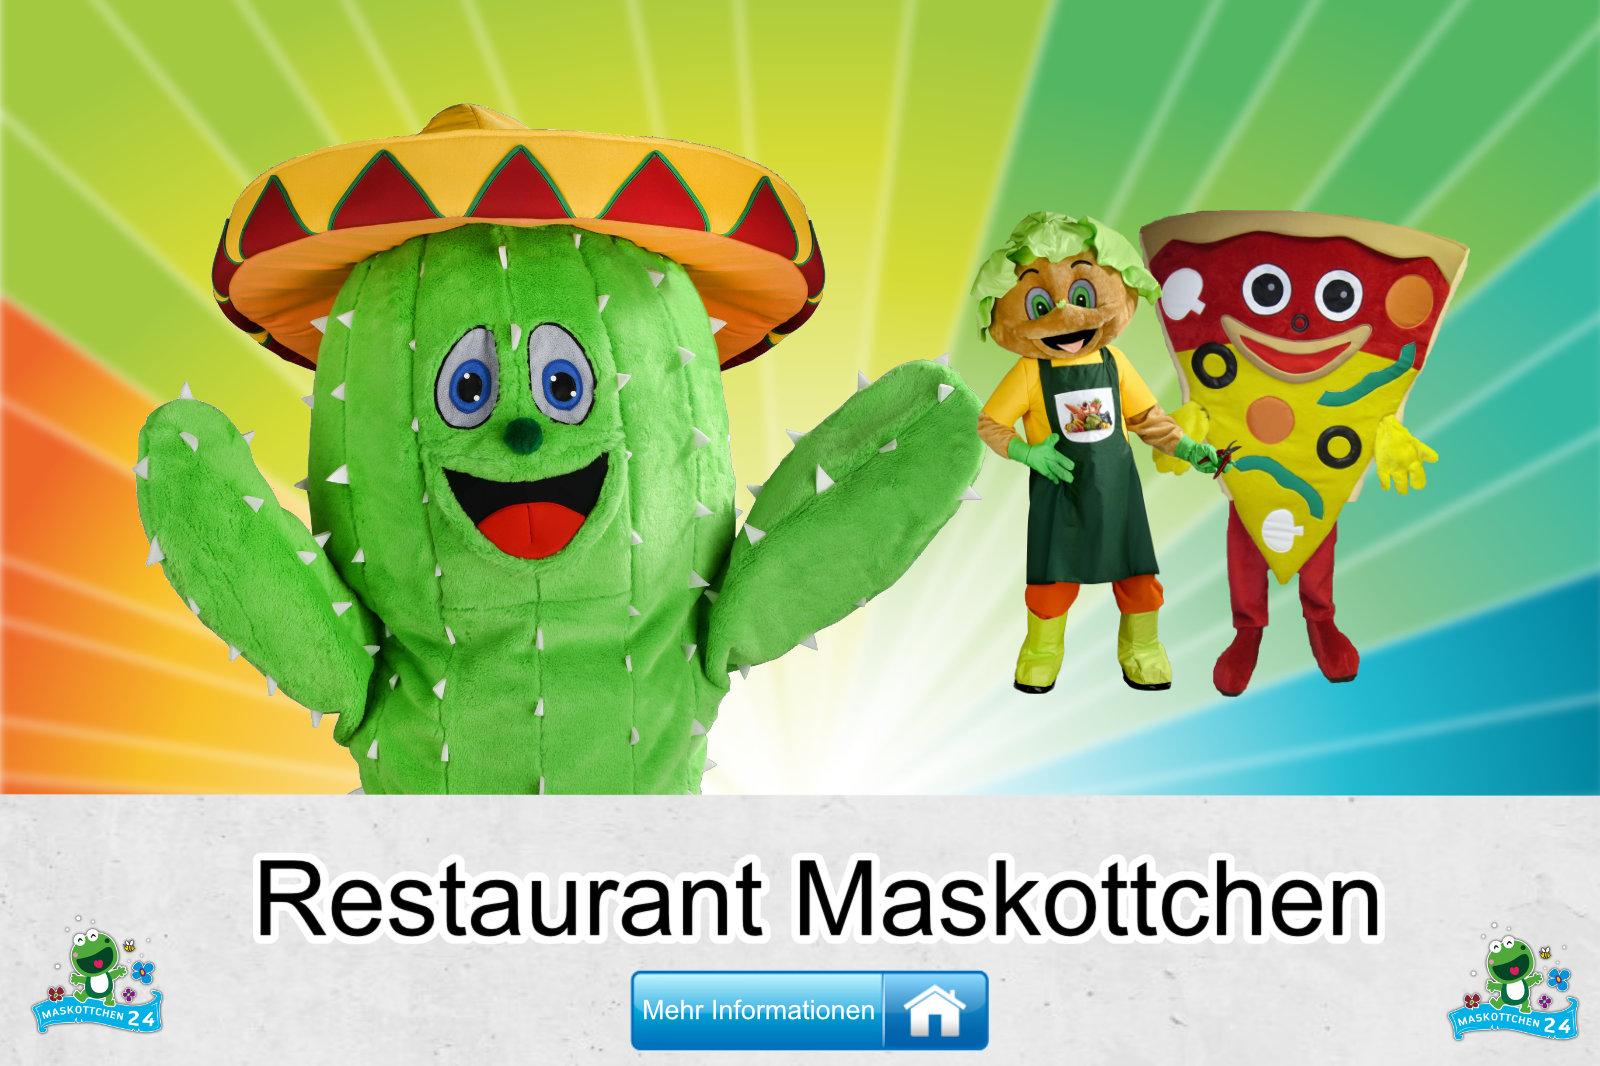 Restaurant Kostüme Maskottchen Herstellung Firma günstig kaufen